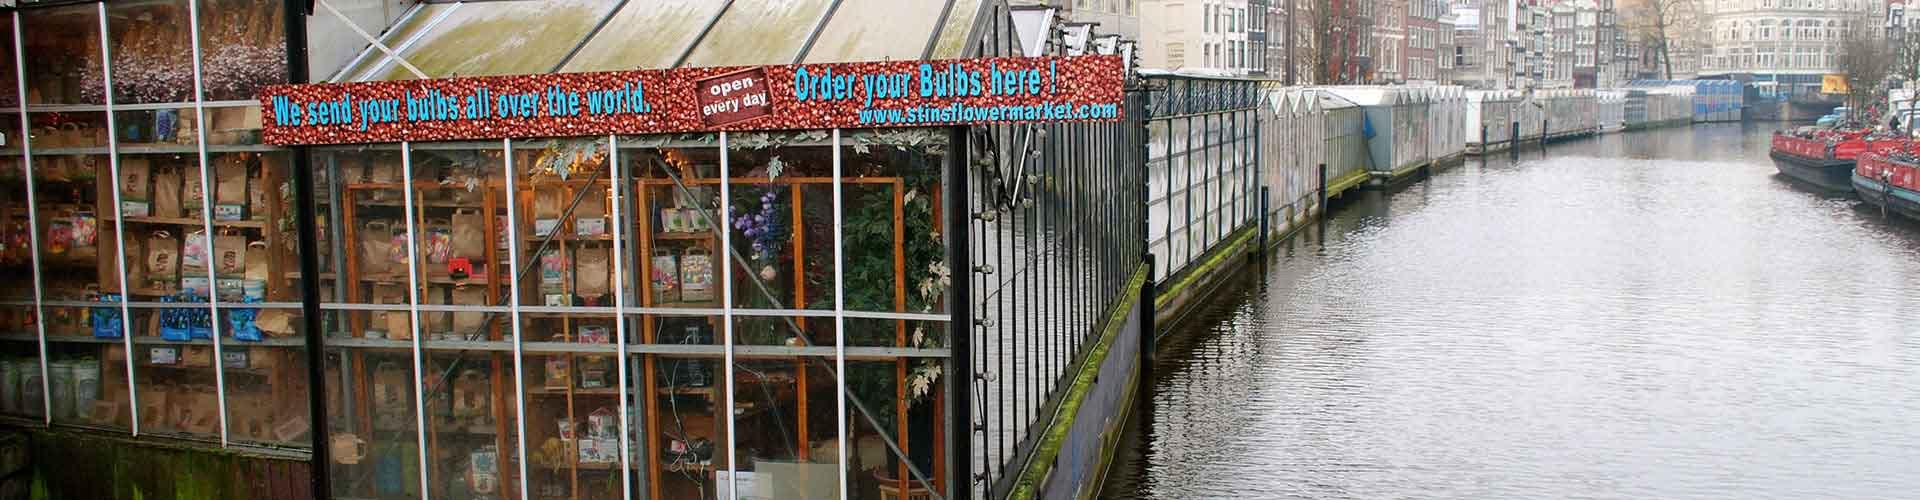 암스테르담 - 꽃 시장에 가까운 호텔. 암스테르담의 지도, 암스테르담에 위치한 호텔에 대한 사진 및 리뷰.